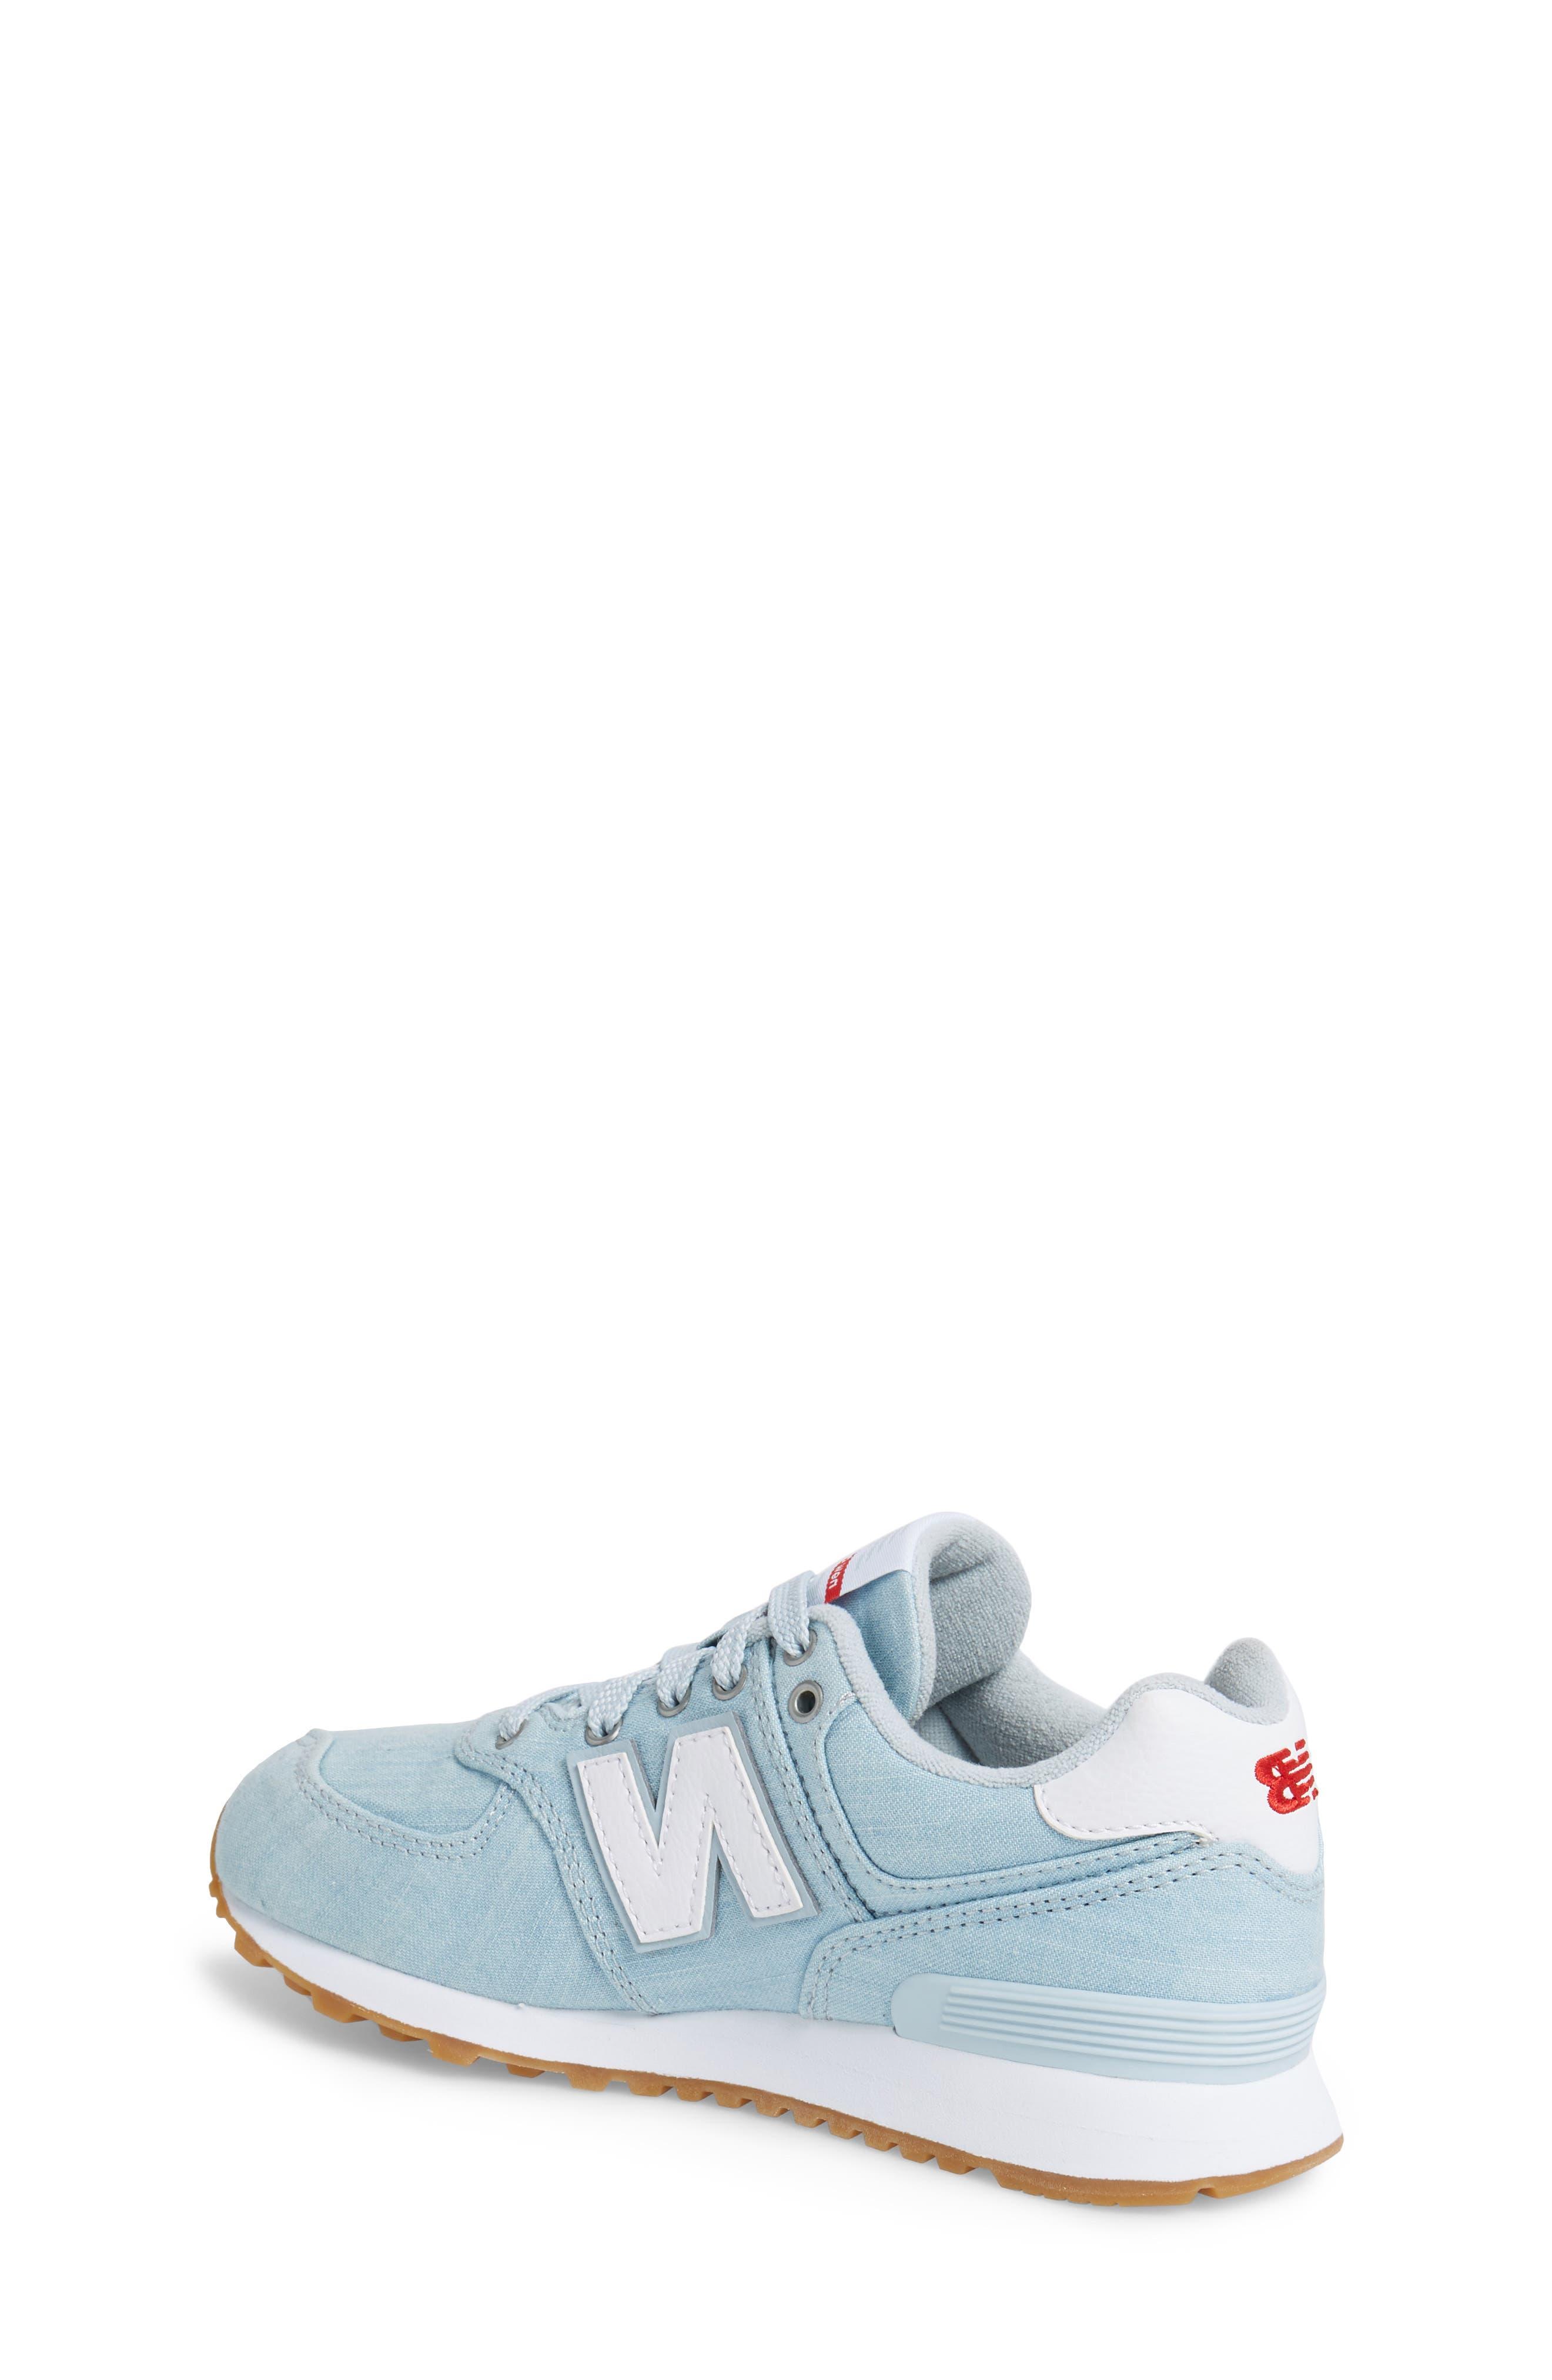 574v1 Sneaker,                             Alternate thumbnail 2, color,                             Light Porcelain Blue